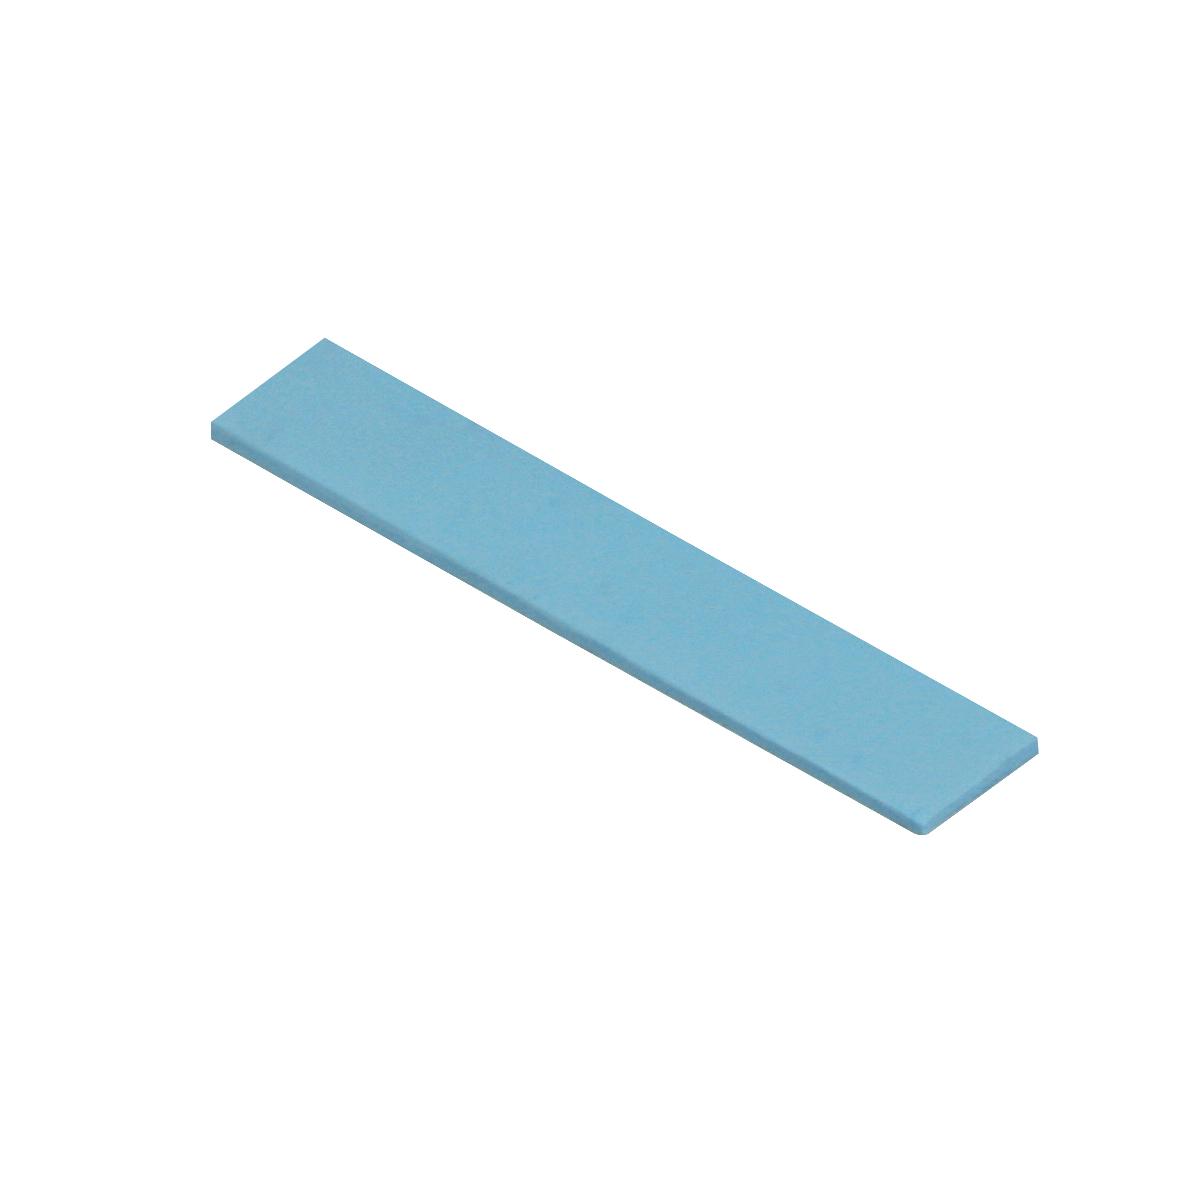 Arctic Thermal Pad - APT2560 - Blau - Silikon - 200 °C - 120 mm - 20 mm - 1,5 mm